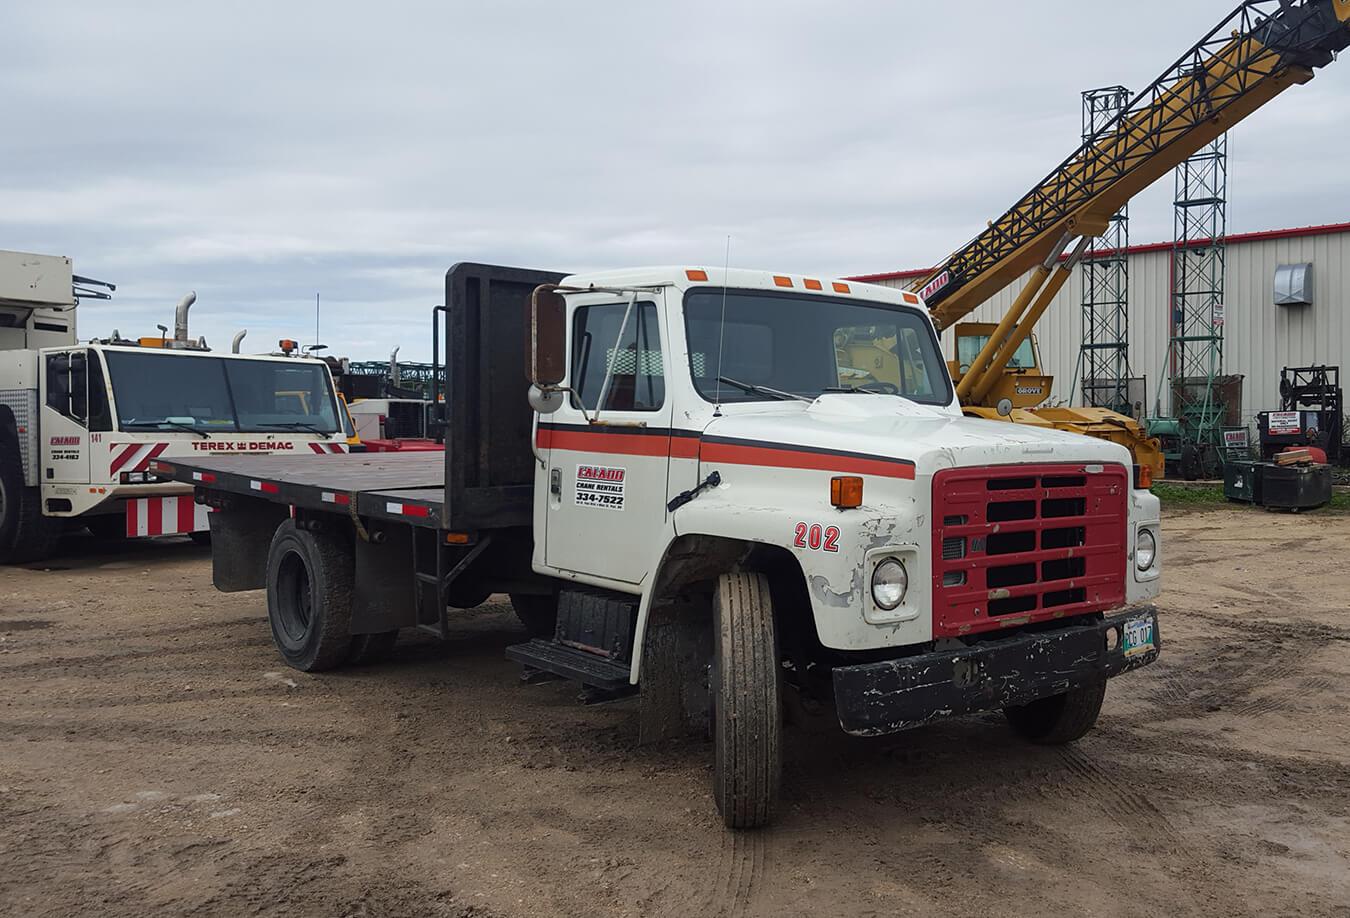 International - Flat Deck Truck - Front